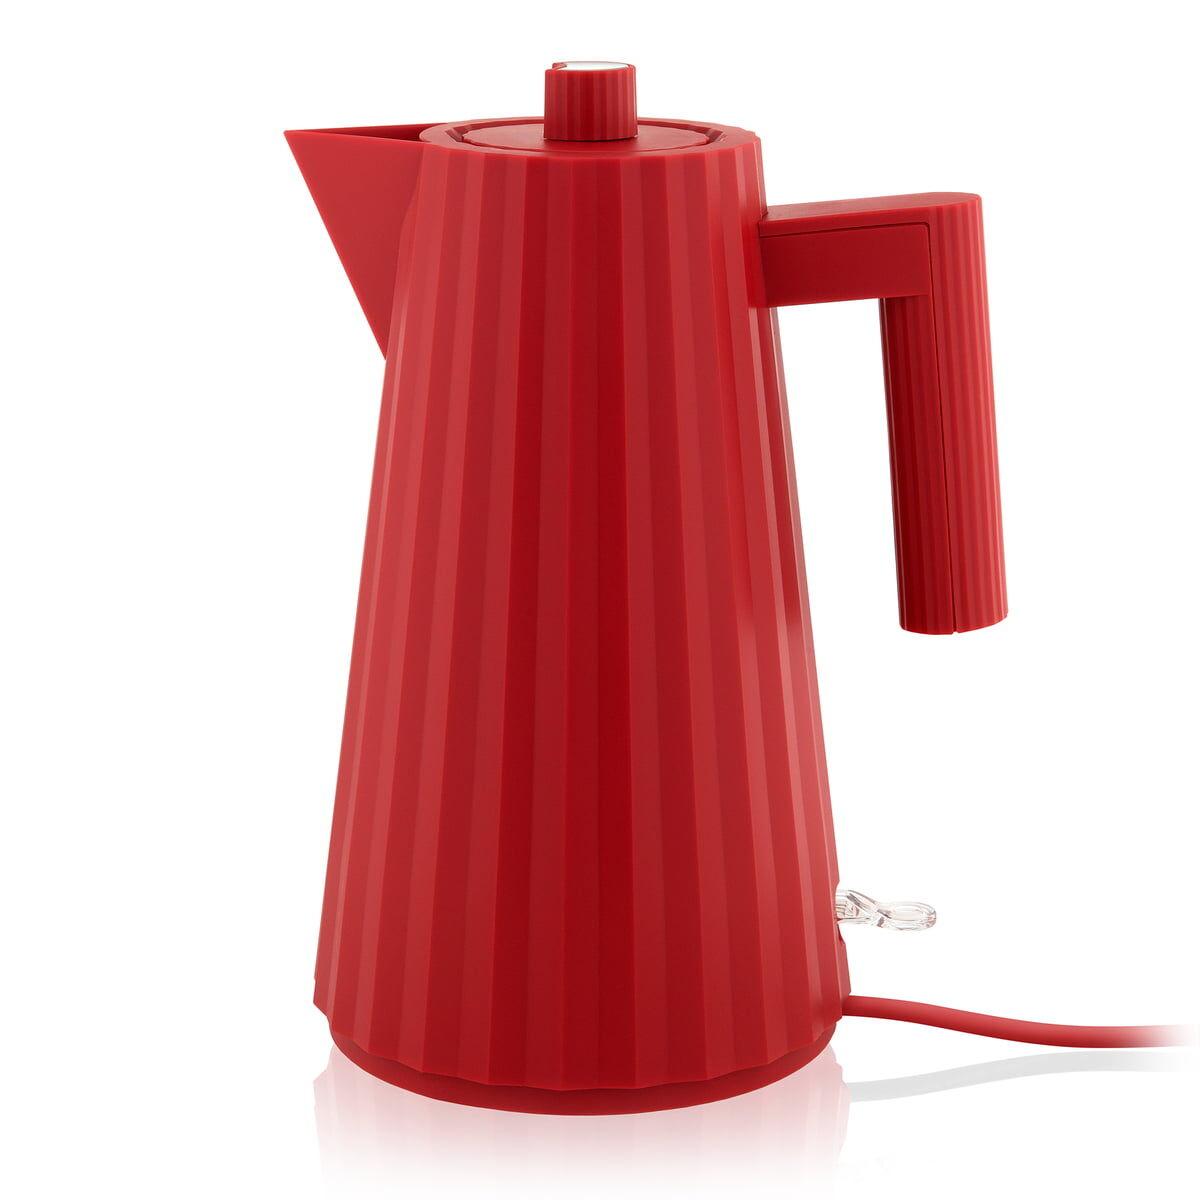 Alessi - Plissé Wasserkocher 1,7 l, rot